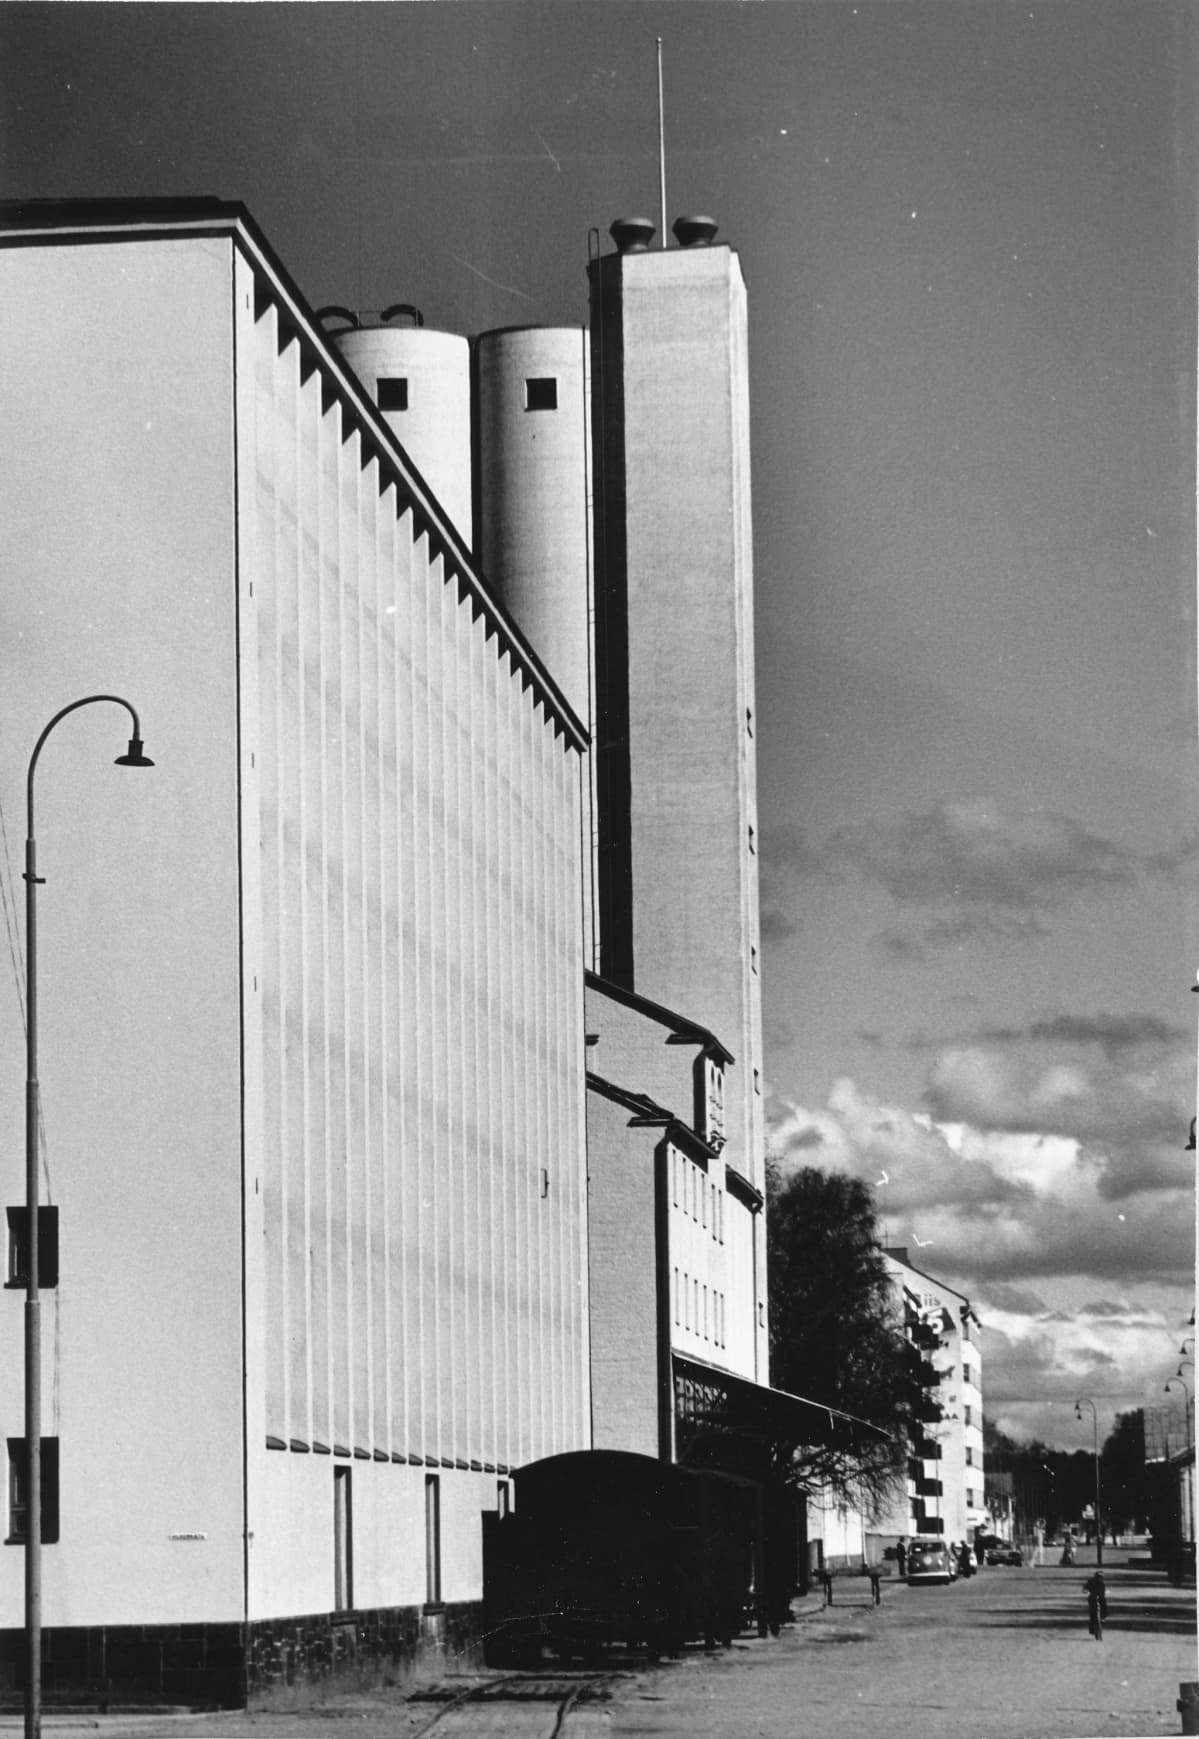 Näkymä Mannerheimintieltä 1960-1970-luvulta. Etualalla vasemmalla on SOK:n konttori- ja varastorakennus, jonka vieressä valssimylly. taustalla kohoavat viljasiilot.